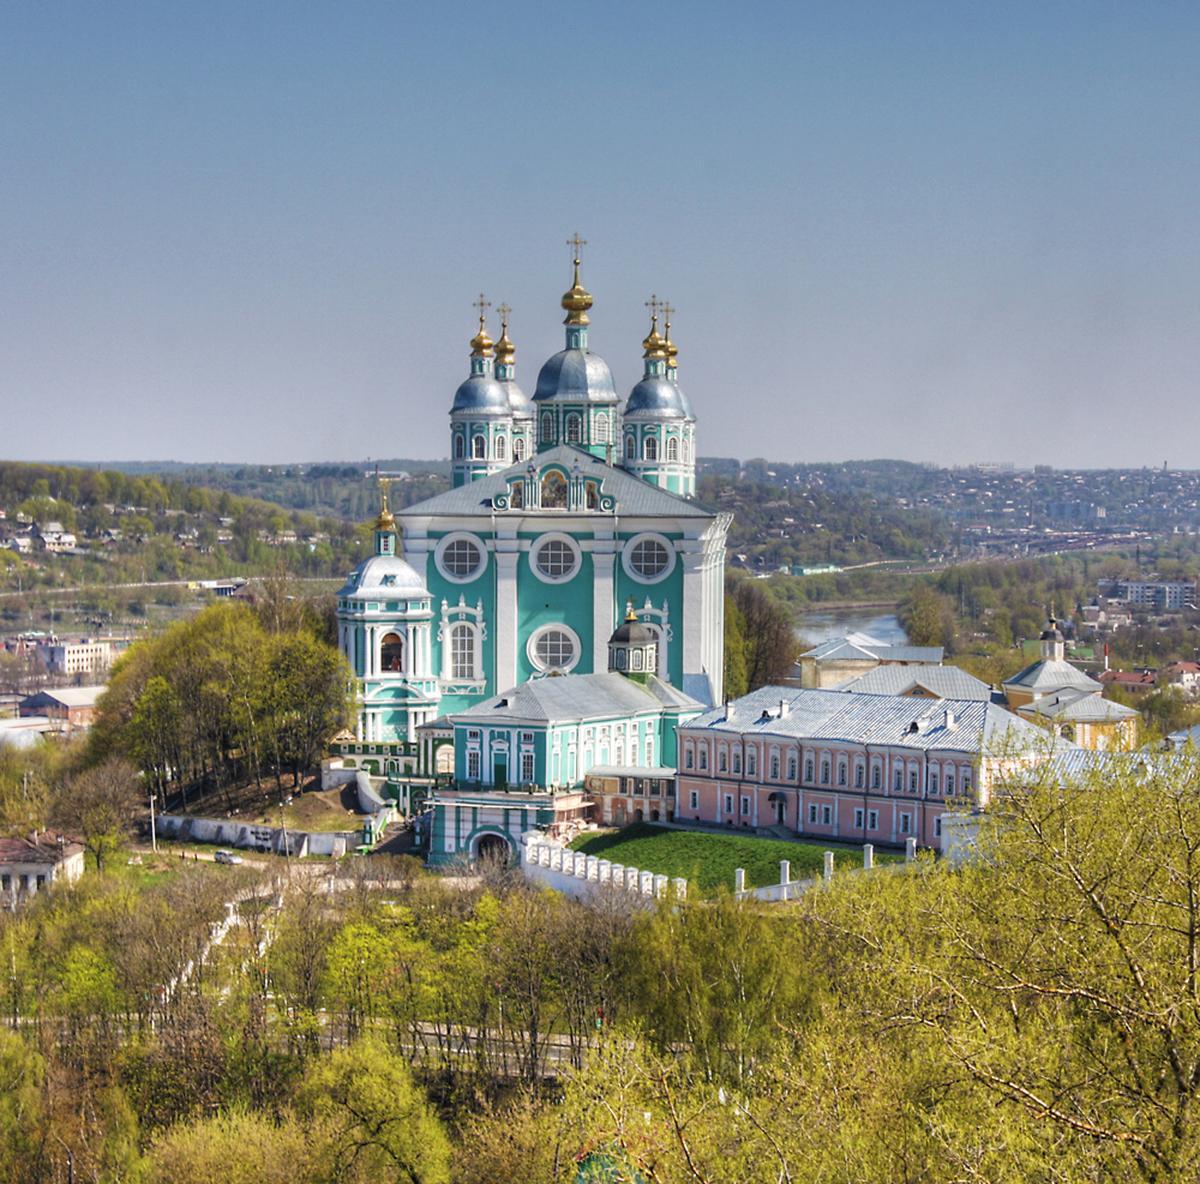 Петропавловский собор казань фото интернет-пользователи признали